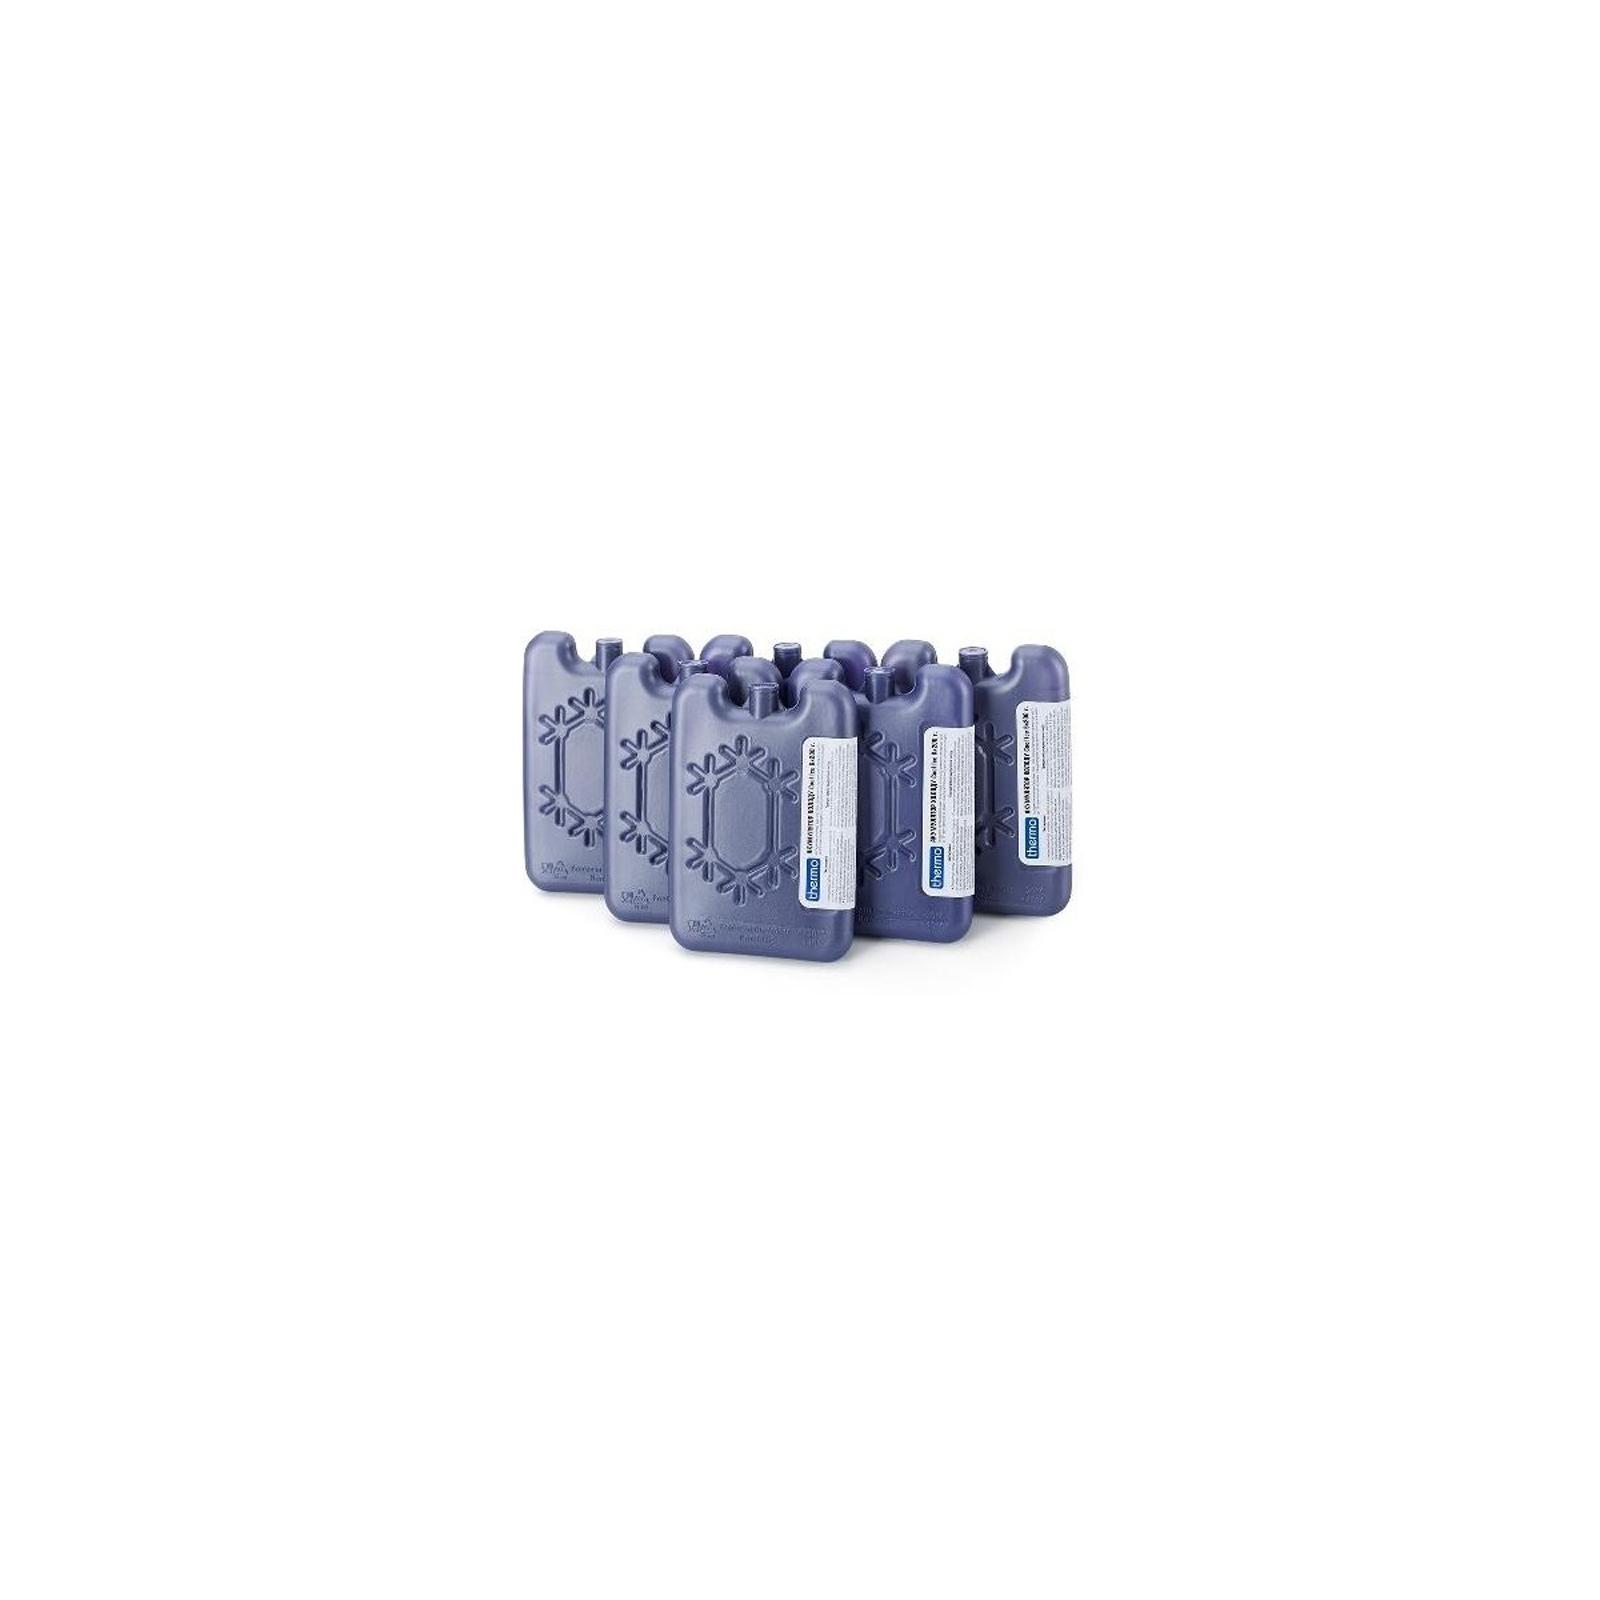 Аккумулятор холода Thermo Cool-ice 6*200 г (4820152617392)